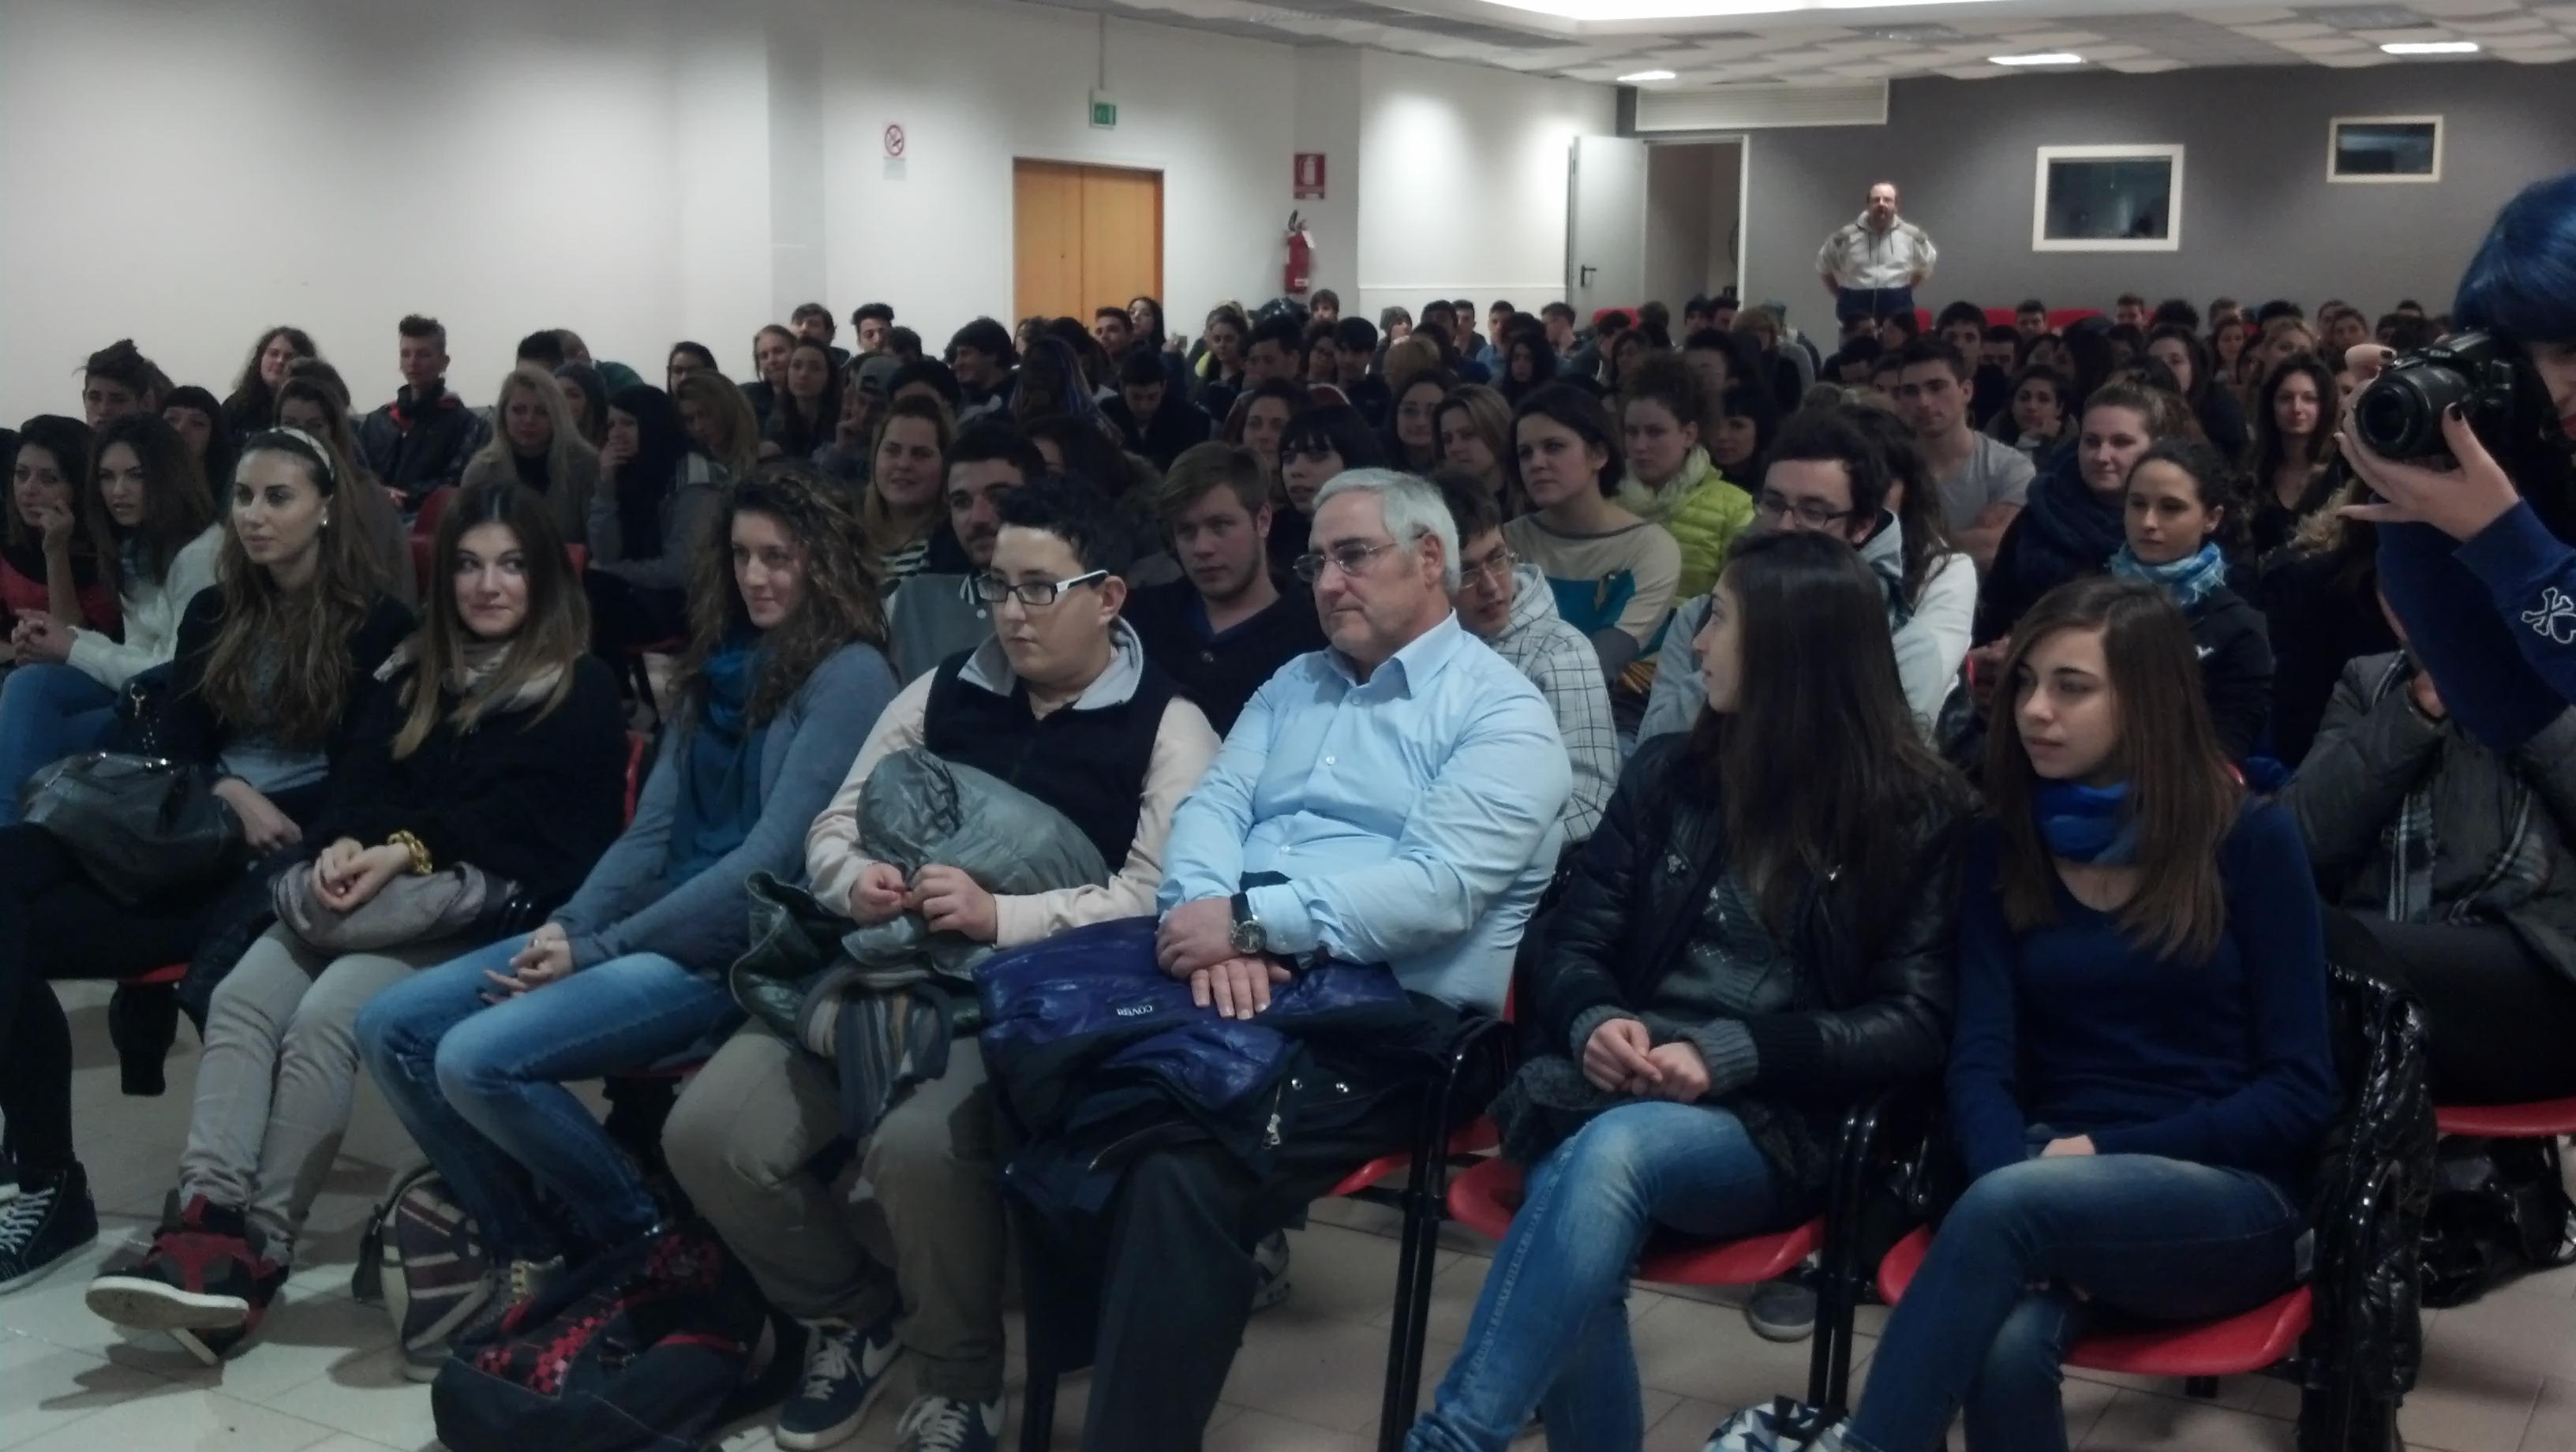 Tanti gli studenti presenti alla visione del film Il Rosso e il Blu alla Sala della parrocchia SS Simone e Giuda